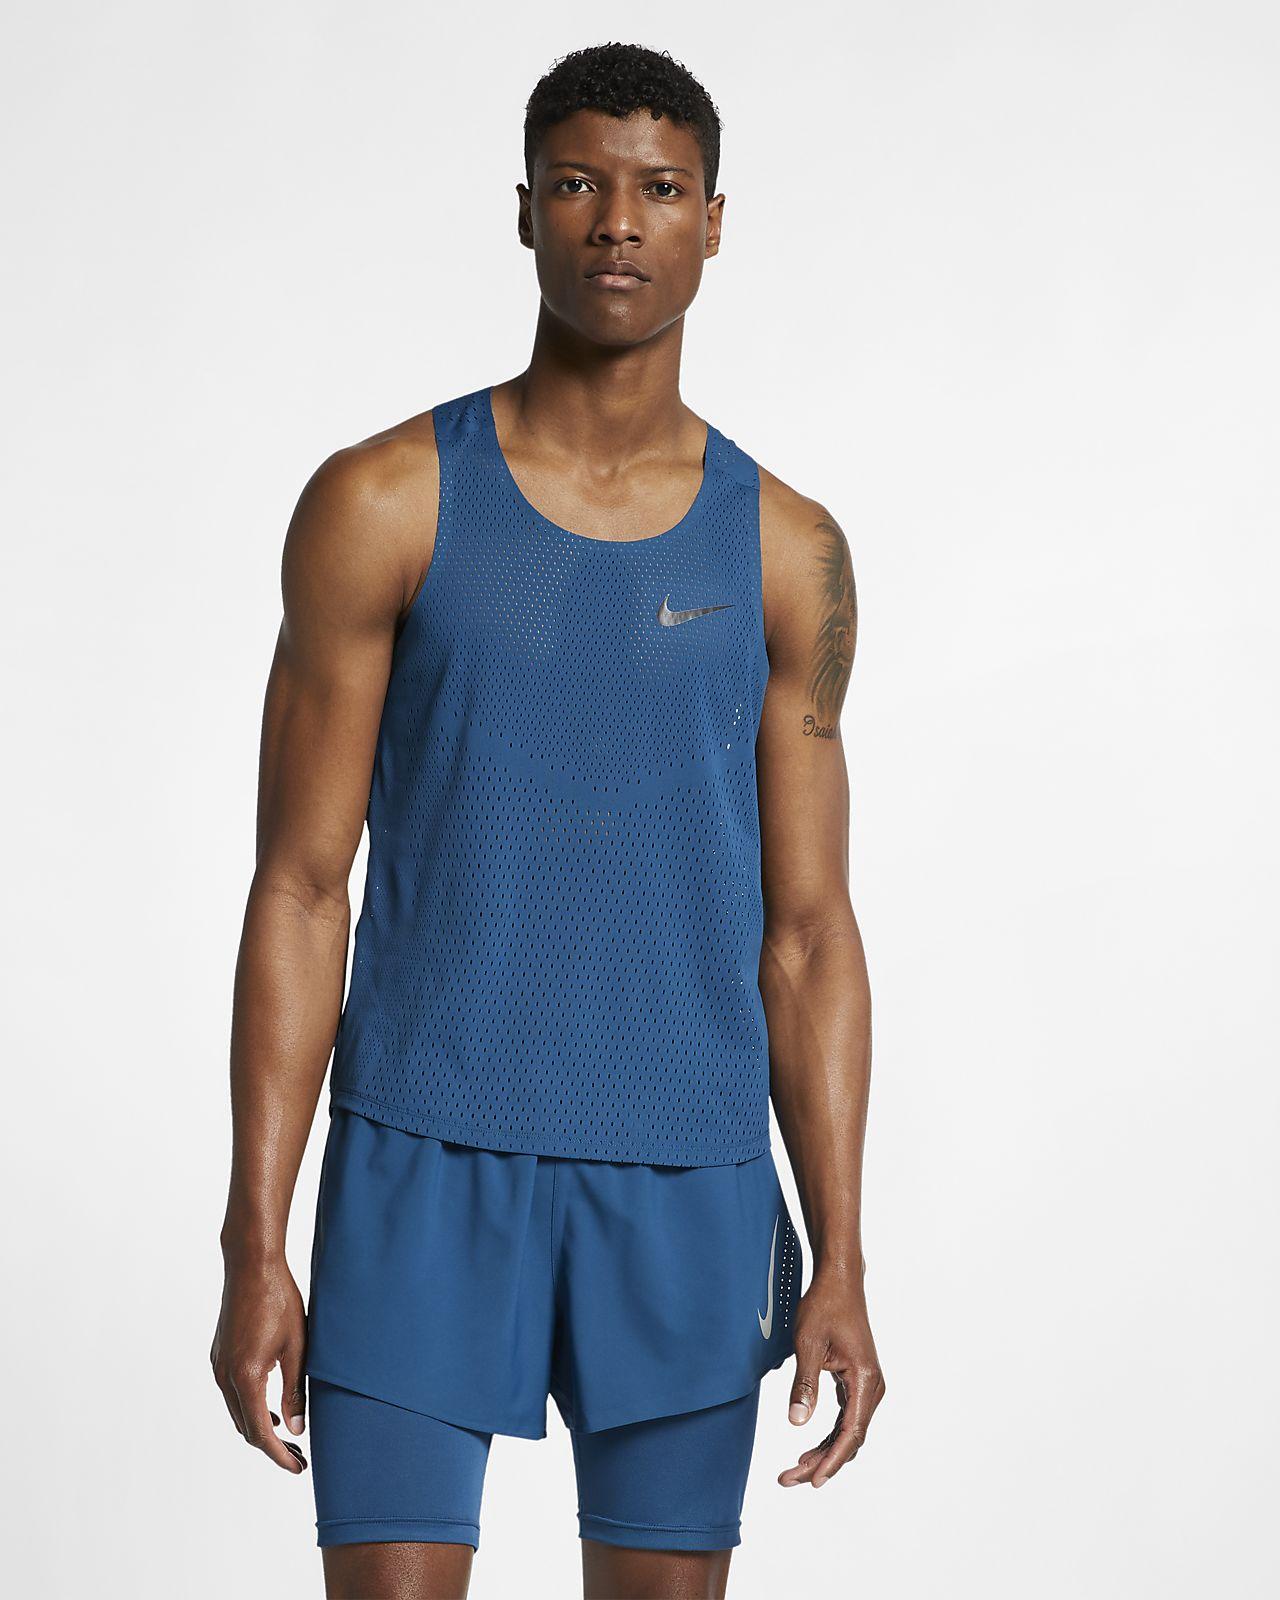 Nike AeroSwift Berlin Lauf-Singlet für Herren